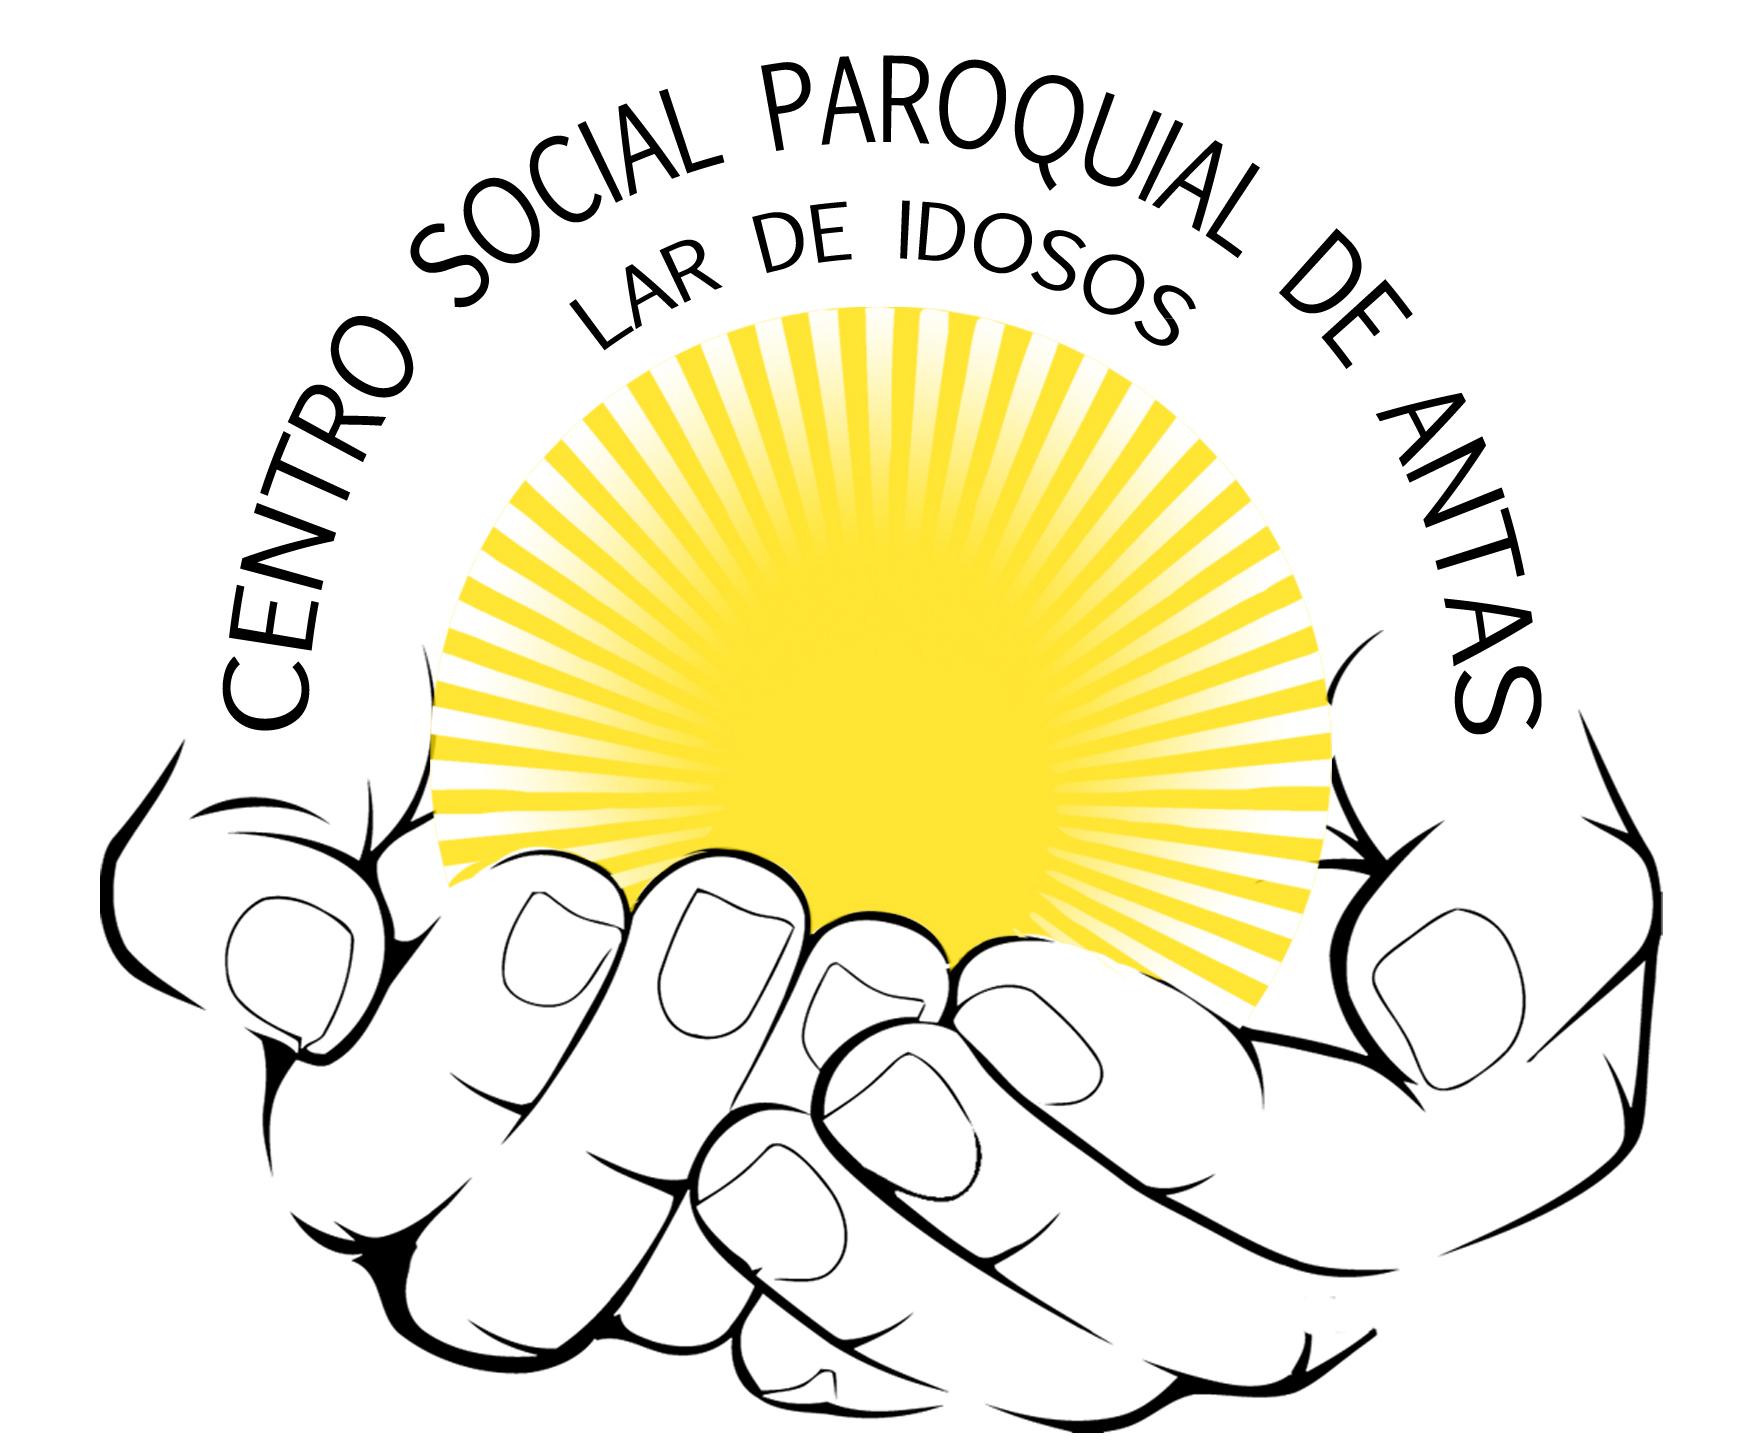 Centro Social Paroquial de Antas